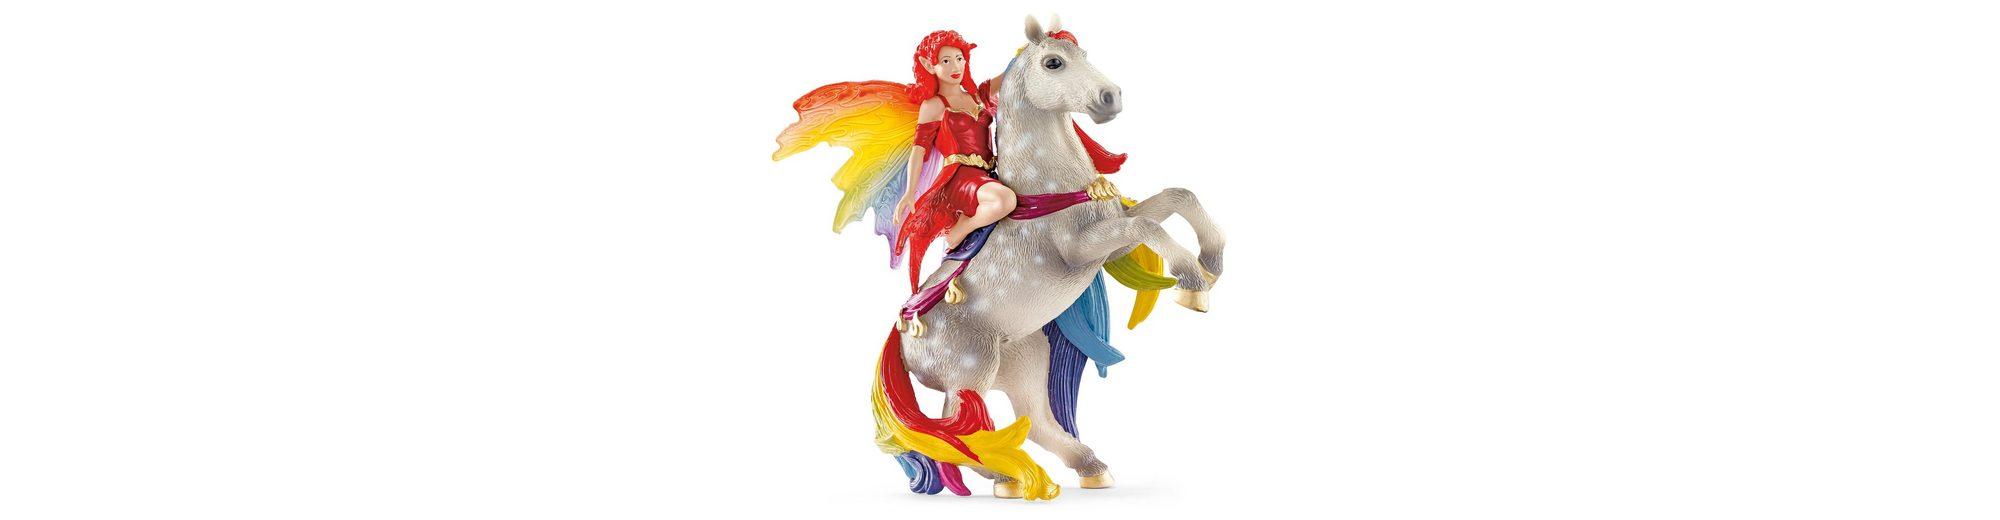 Schleich® Spielfigurenset (70483), »World of Fantasy, bayala - Regenbogenelfe Amisi«